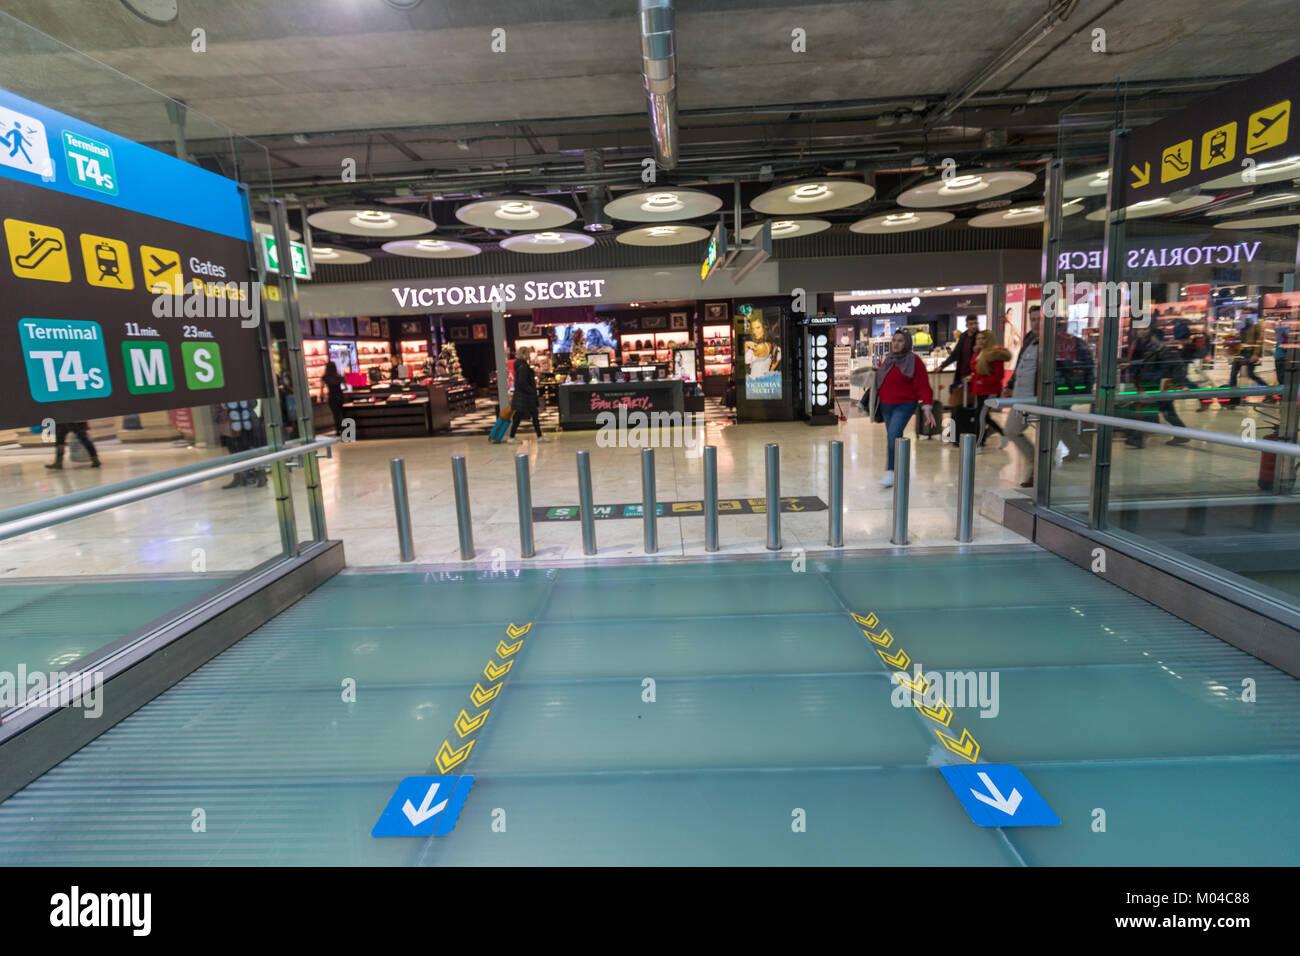 Adolfo Suárez Aeropuerto Madrid-Barajas terminales T4, diseñado por los arquitectos Antonio Lamela y Richard Imagen De Stock